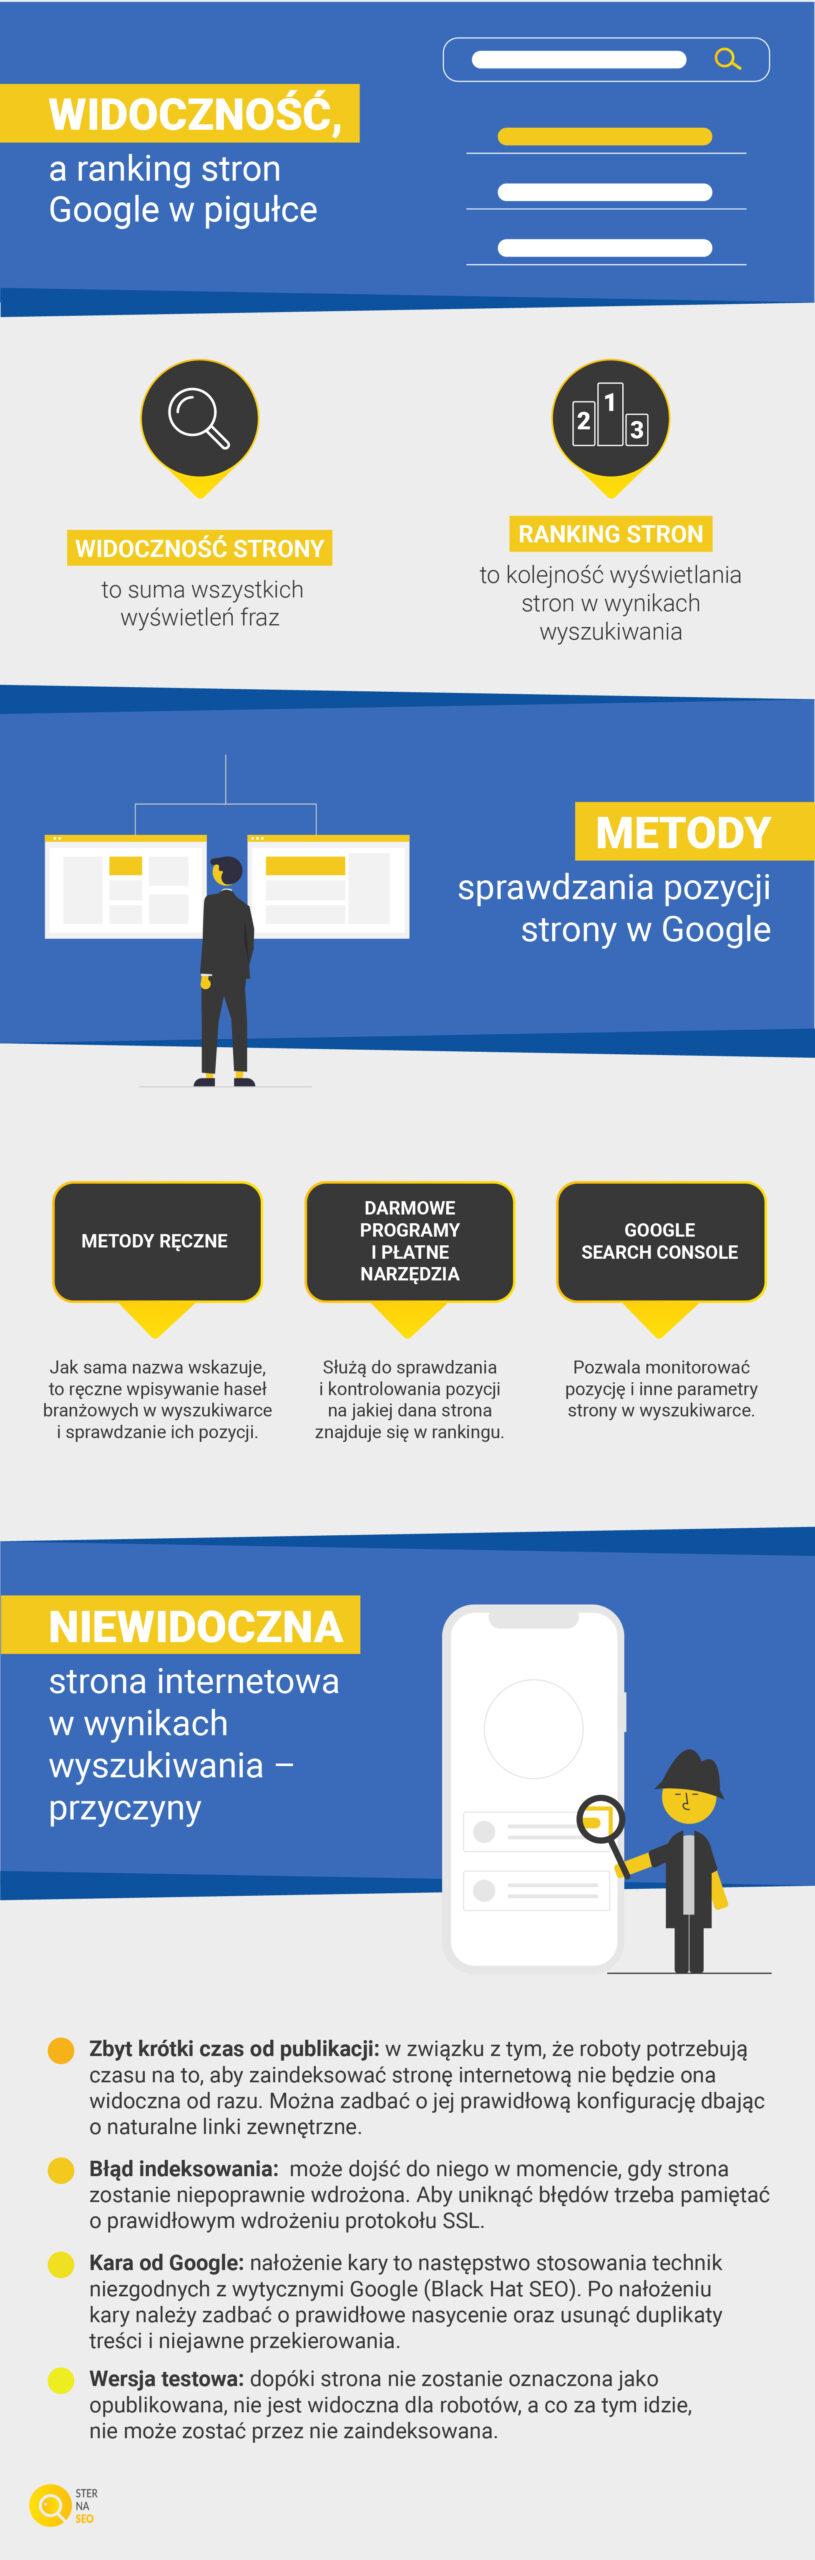 Widoczność a ranking strony w Google